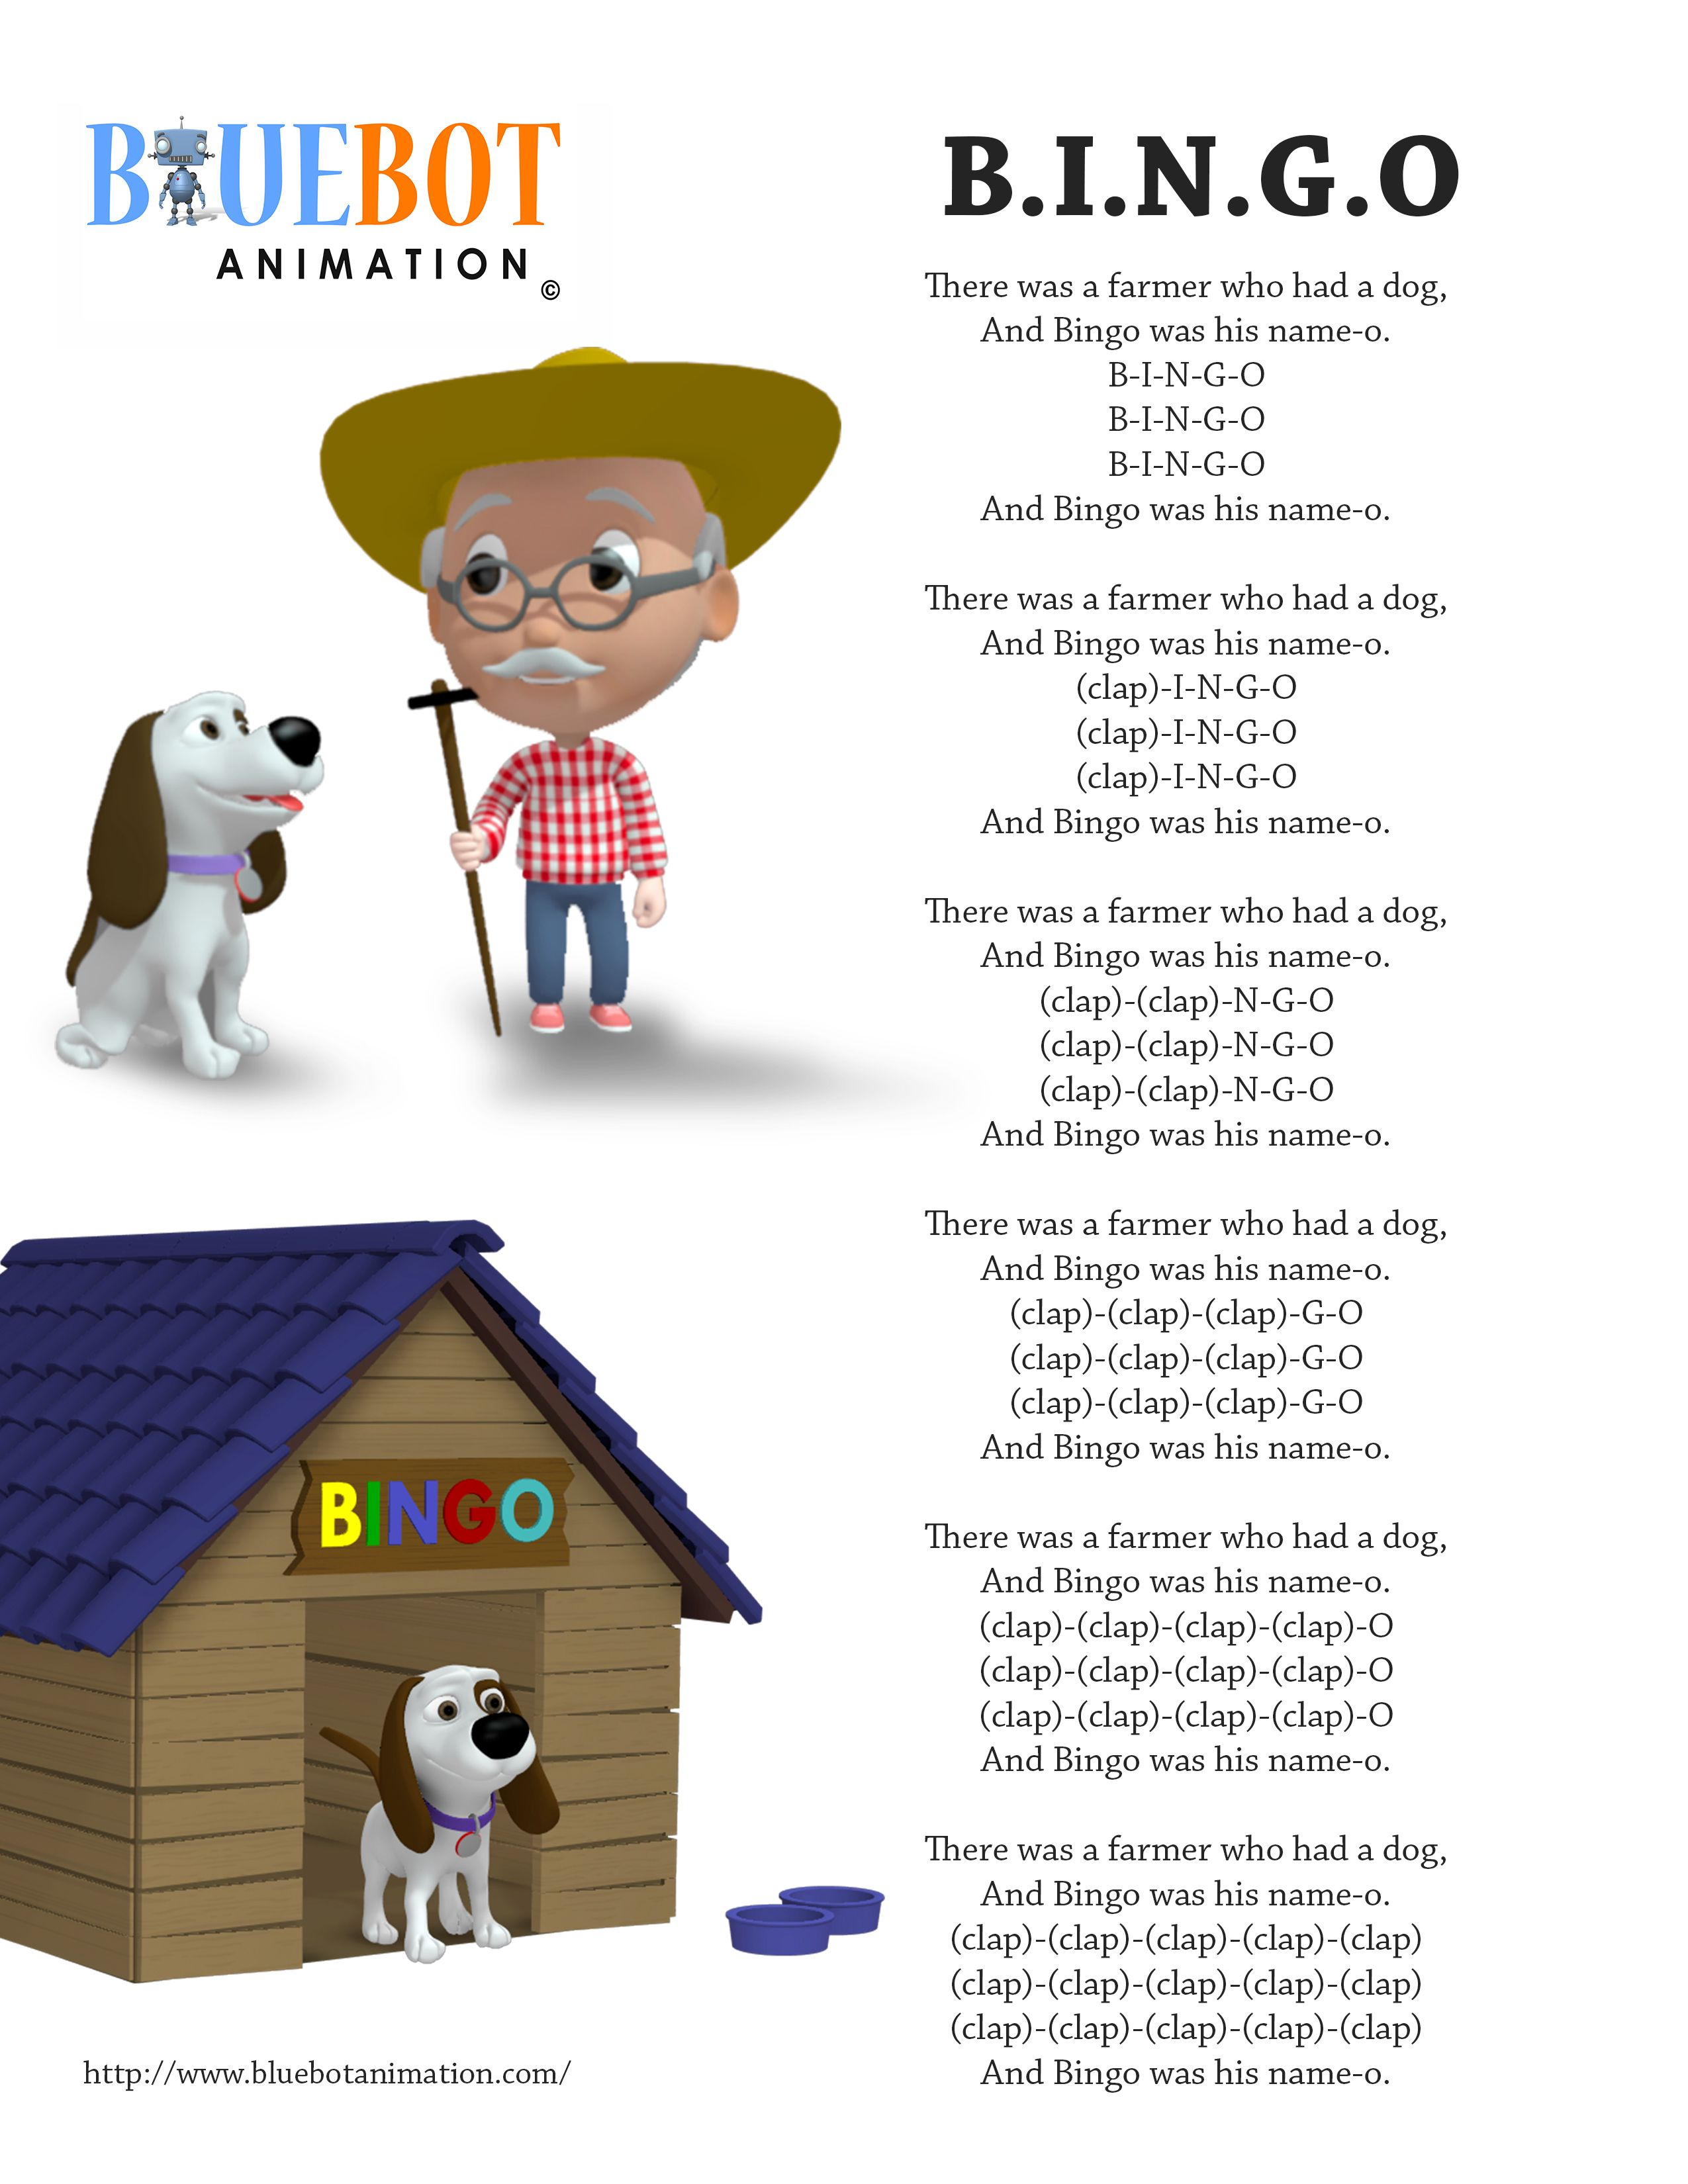 Bingo / B.i.n.g.o Nursery Rhyme Lyrics Free Printable Nursery Rhyme - Free Printable Nursery Rhymes Songs